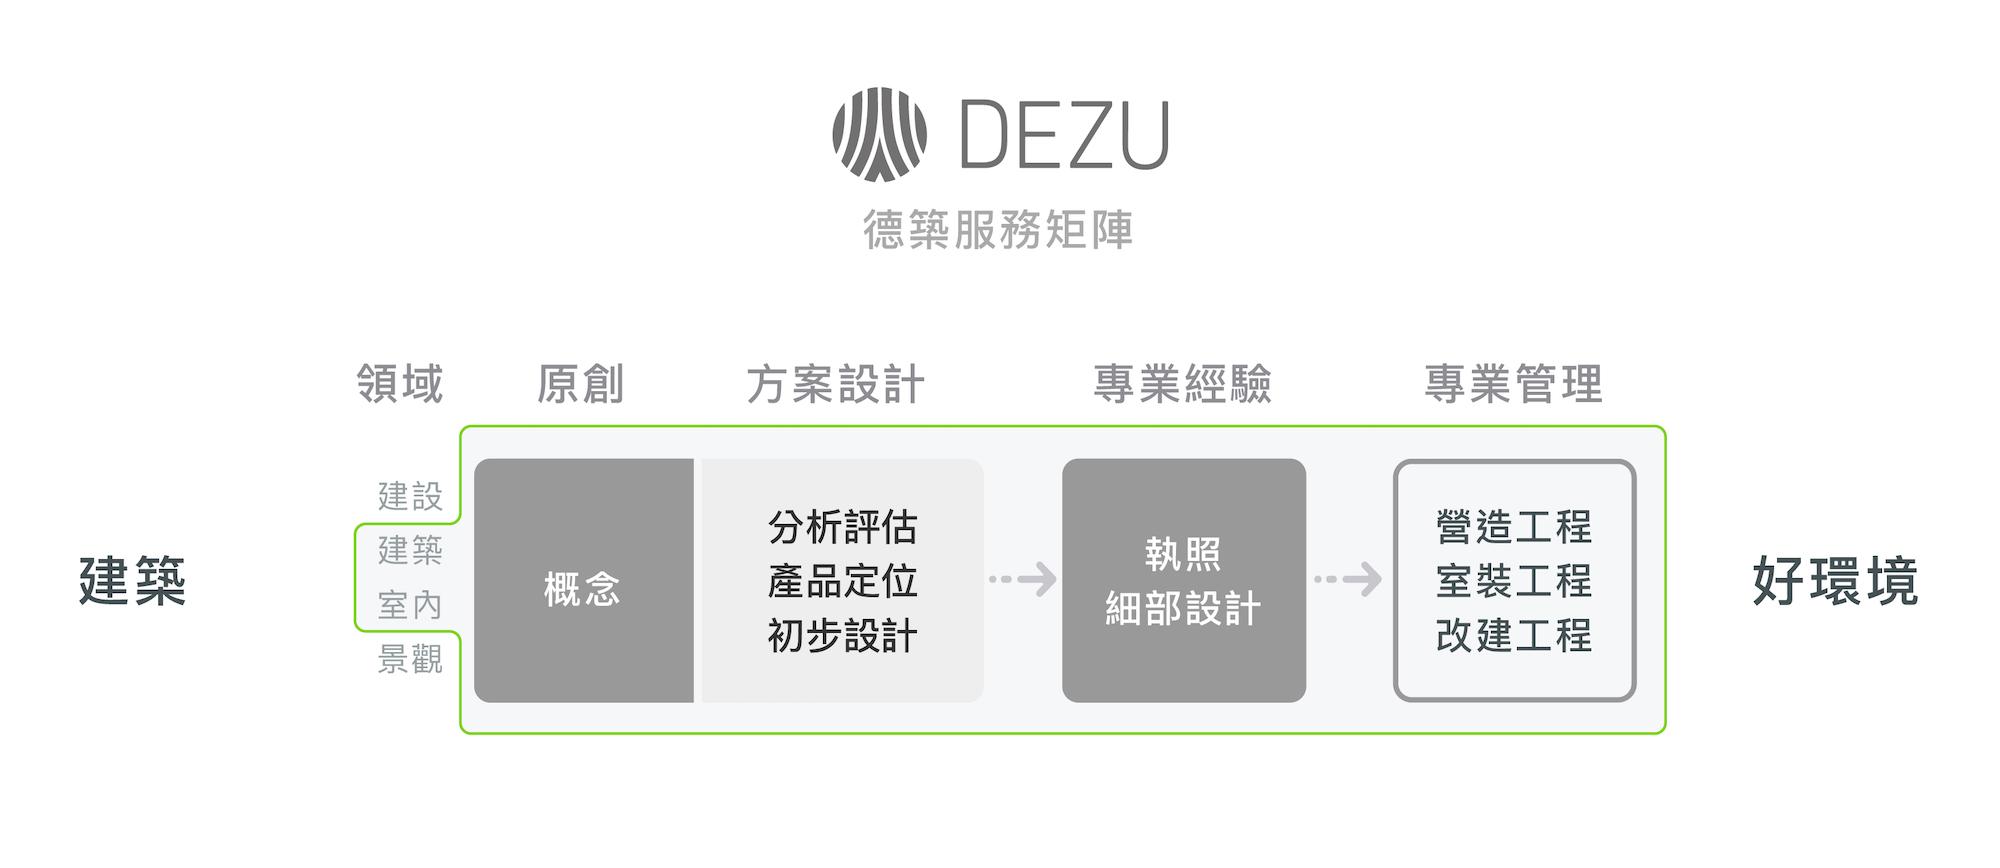 德築-DEZU-project-利澤書菜-室內設計-老屋翻修流程